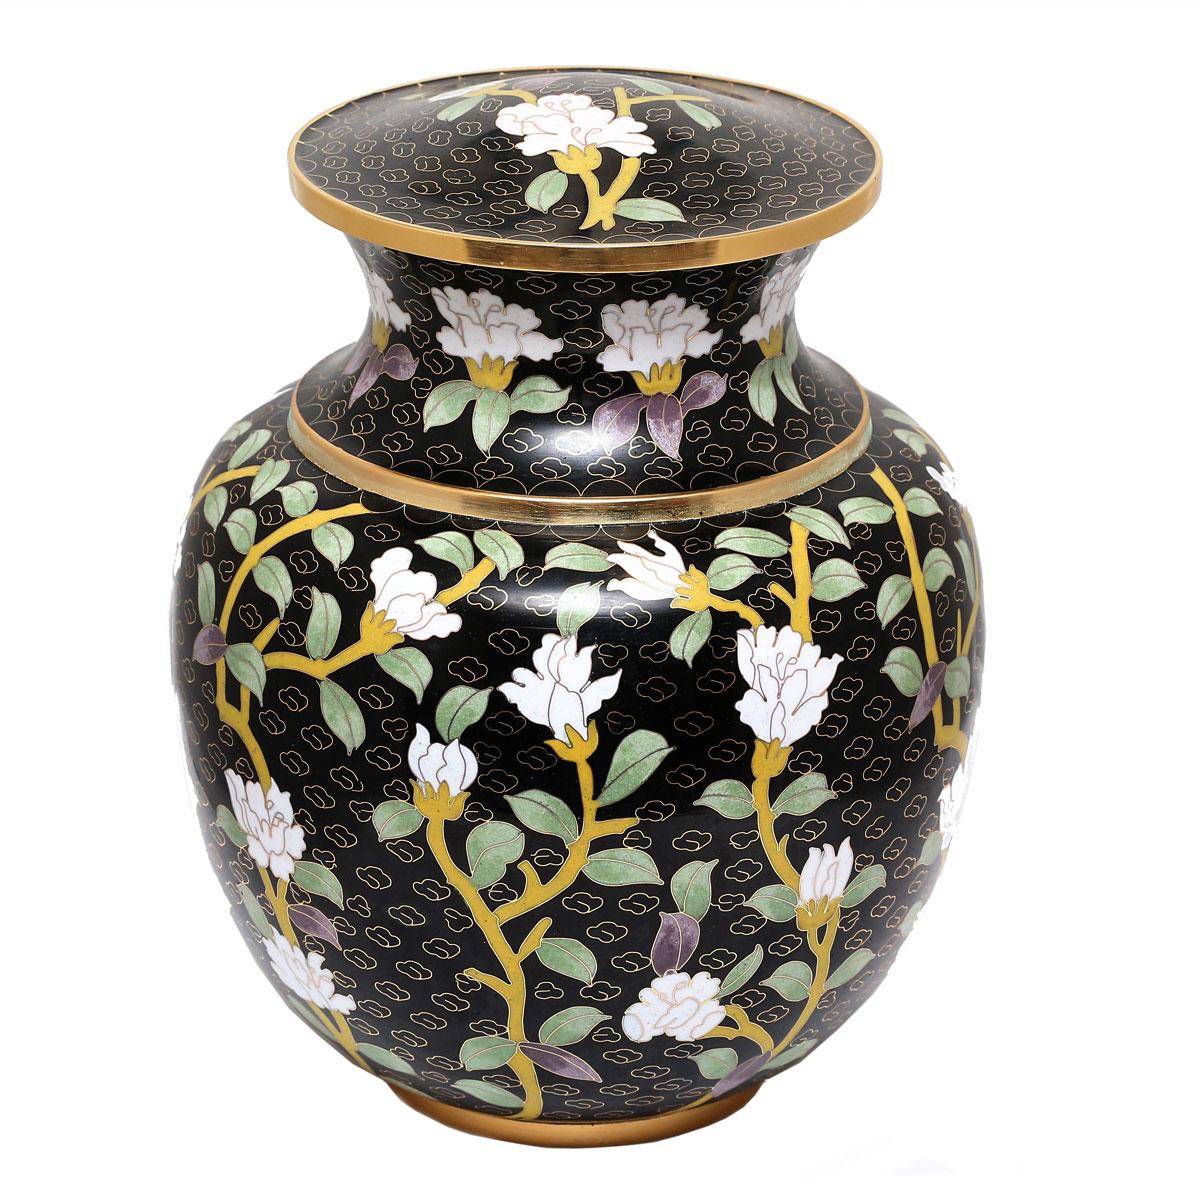 U8579 Cloisonn� urn